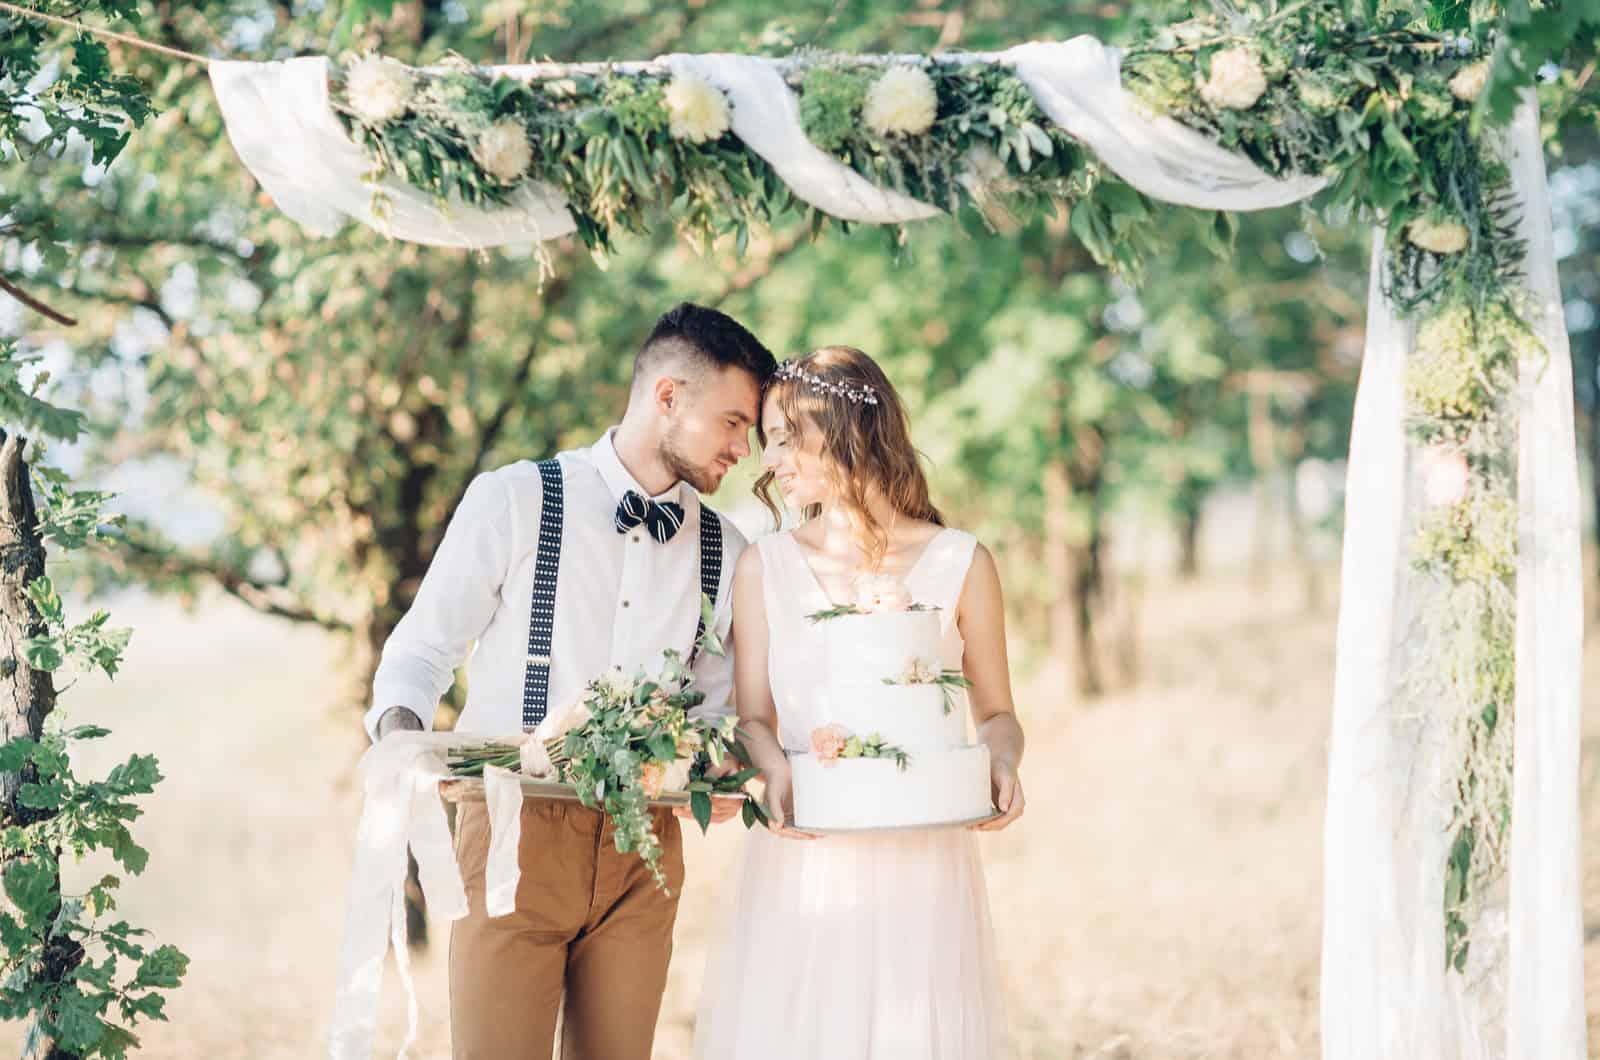 Braut und Bräutigam posieren mit ihrer Hochzeitsdekoration